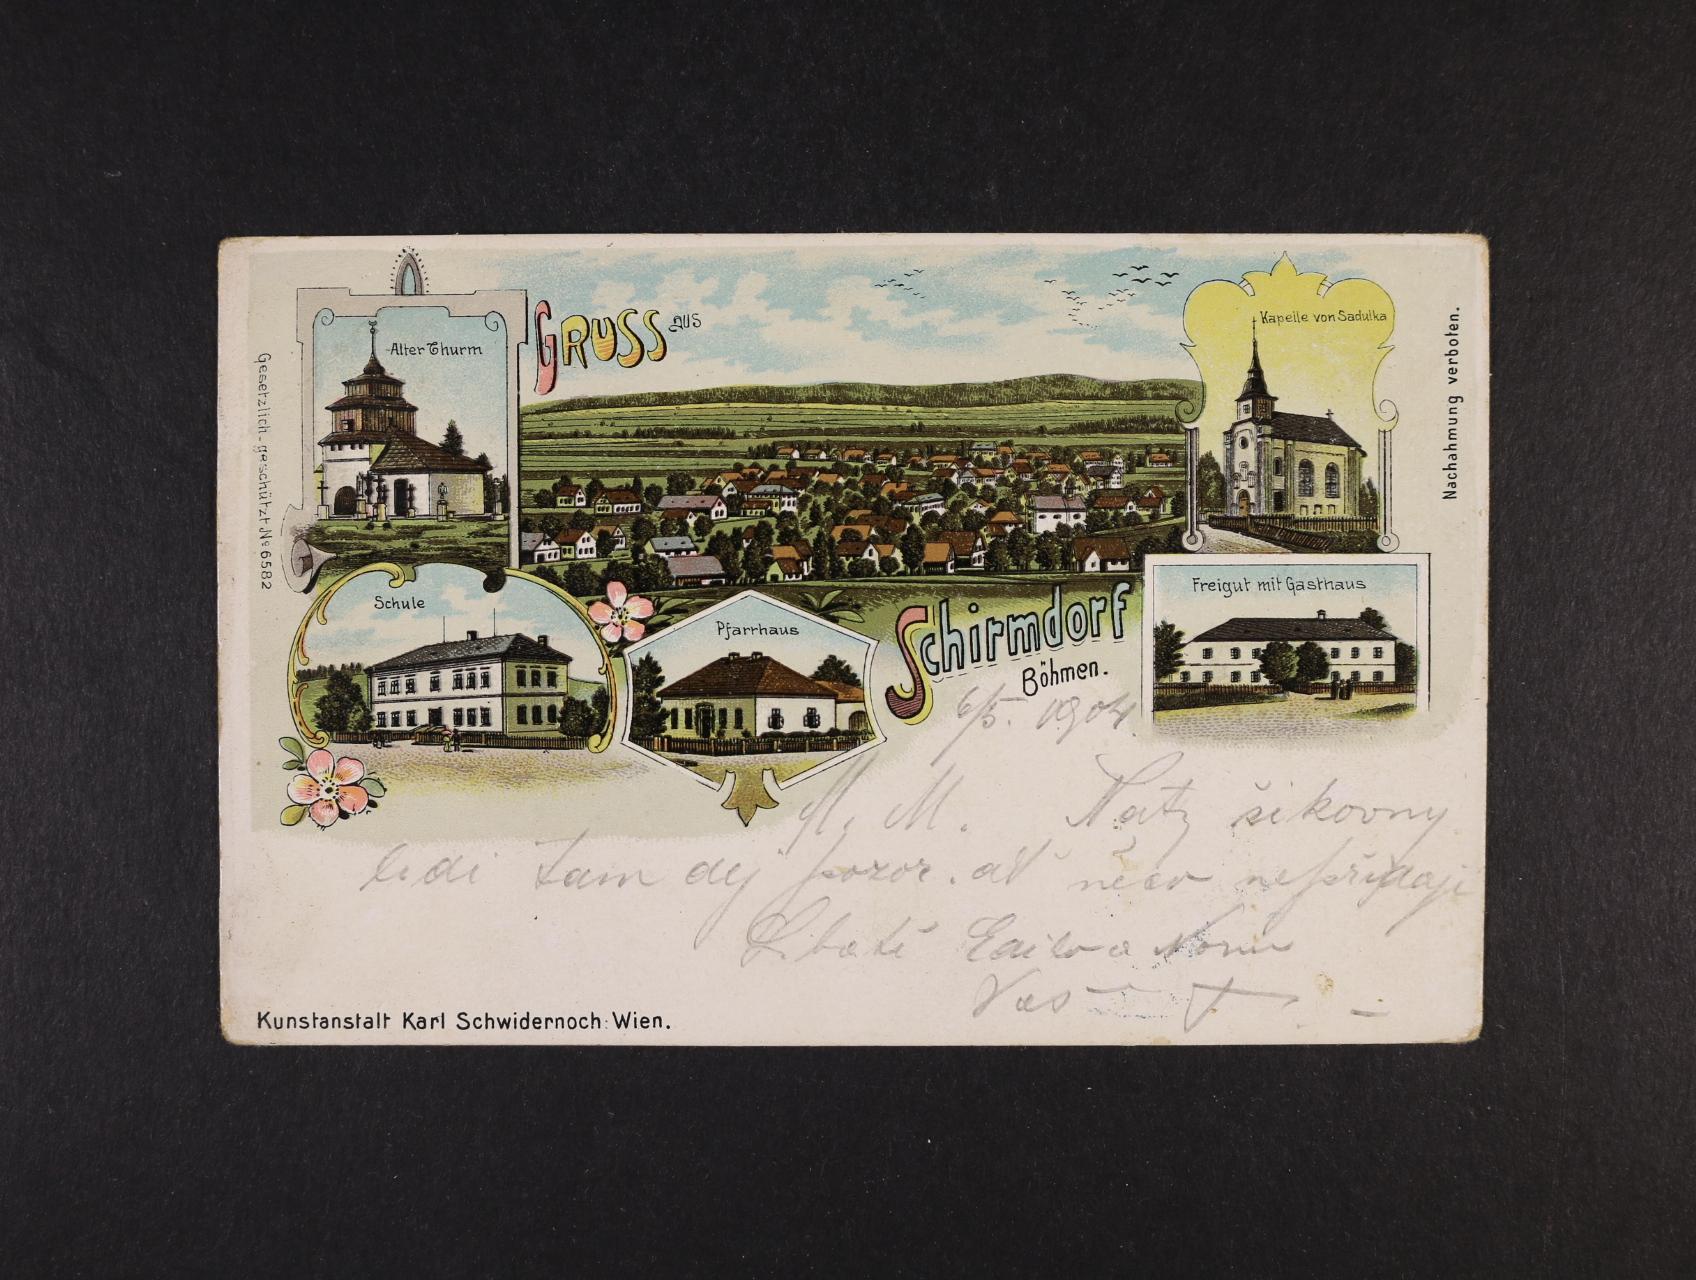 Semanín - Schirmdorf - bar. litograf. koláž K. Schwidernoch, dl. adresa, použitá 1904